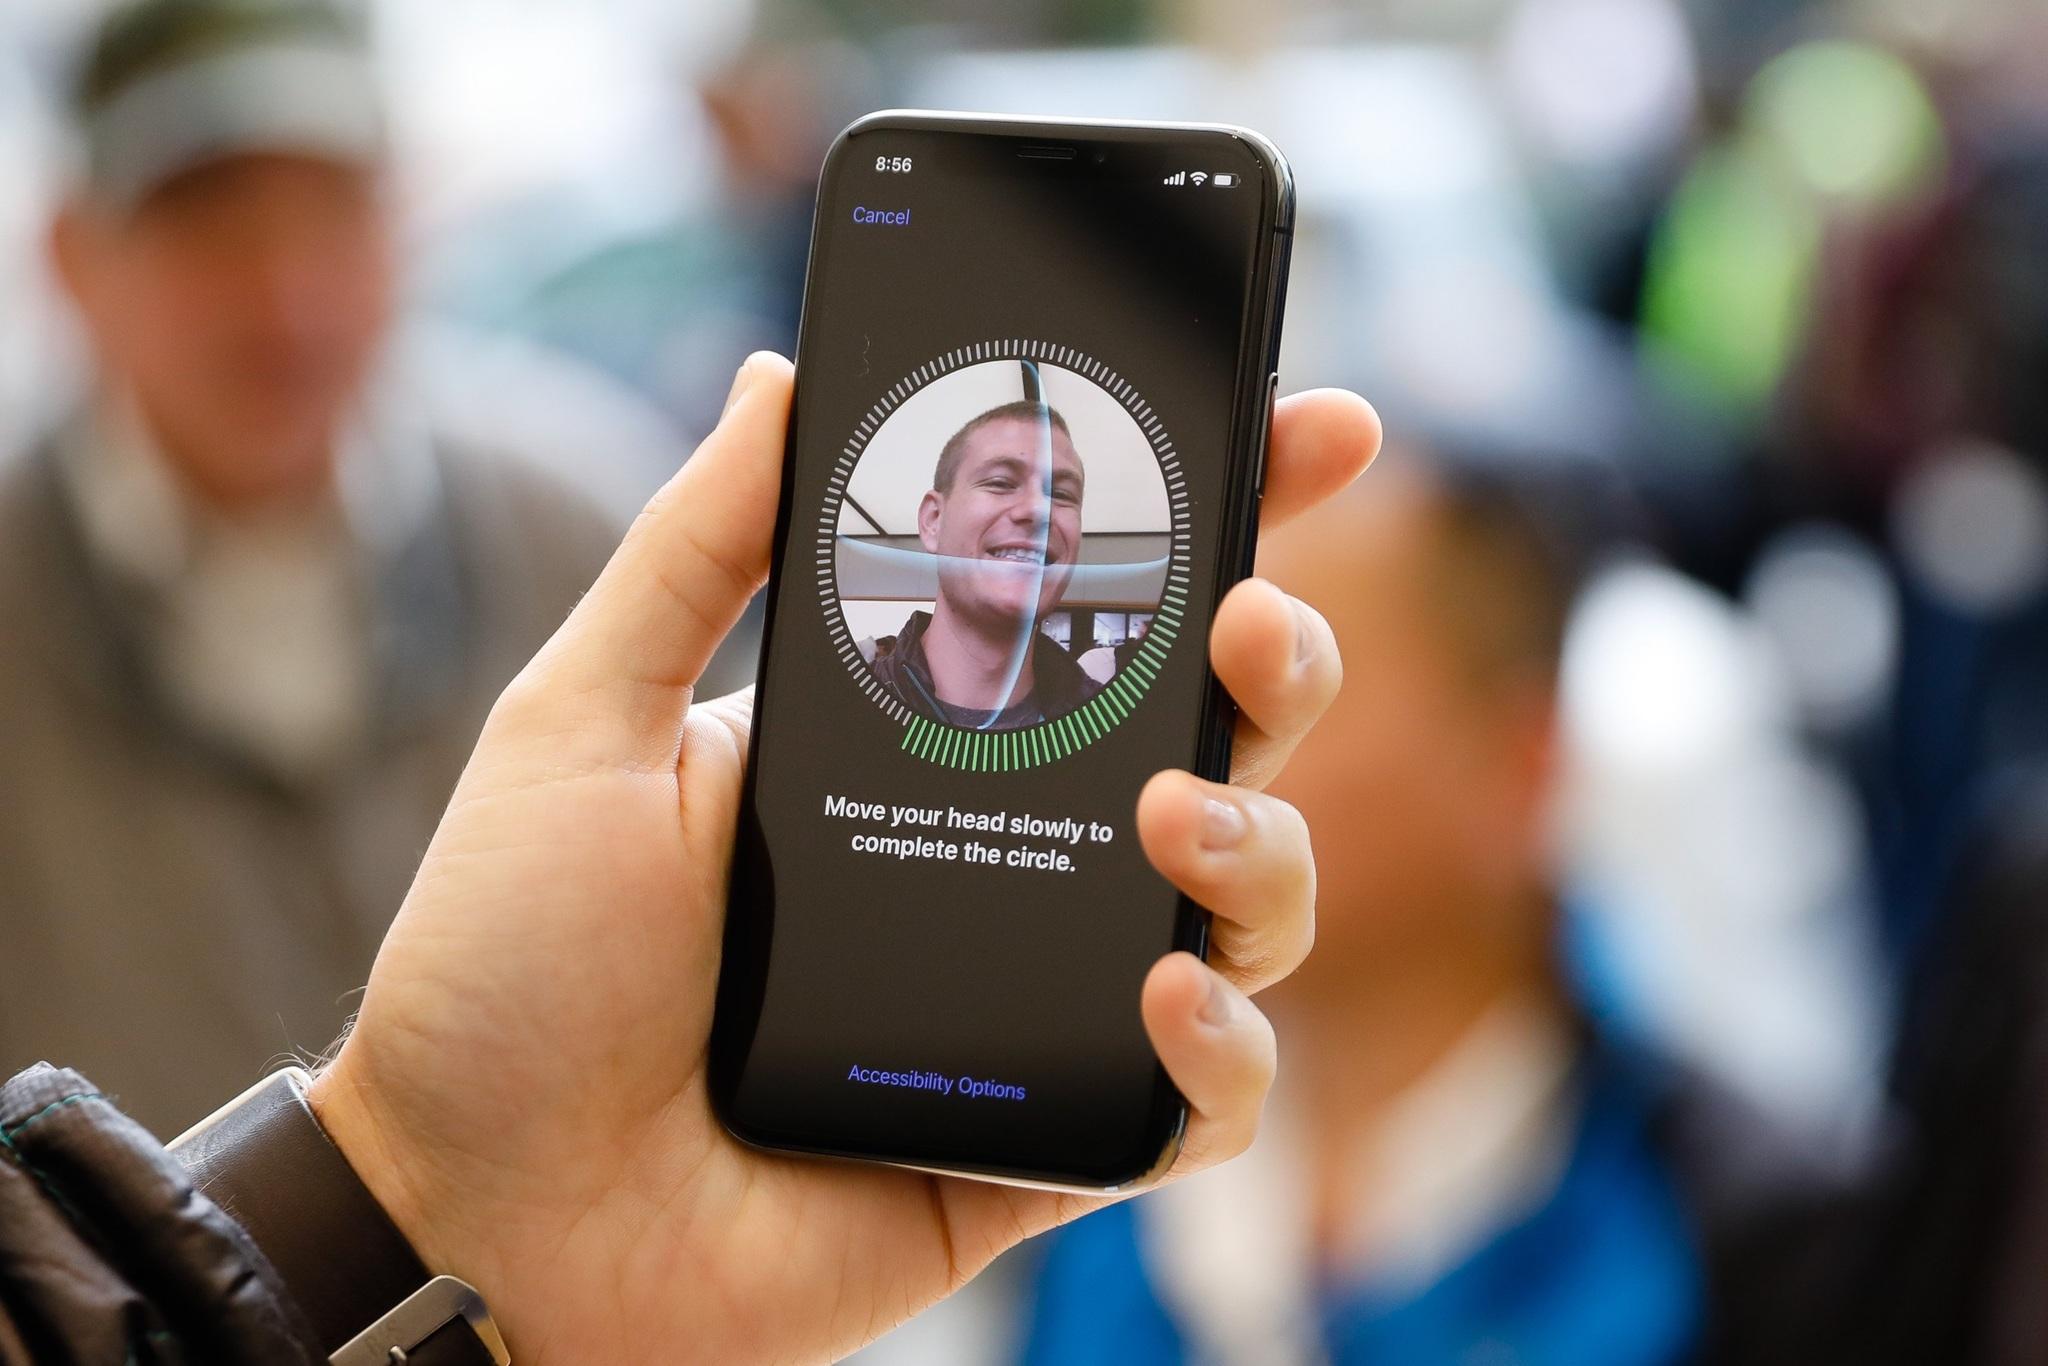 В НОВОМ IPHONE ОЖИДАЕТСЯ УЛУЧШЕНИЯ ФУНКЦИИ РАСПОЗНАВАНИЯ ЛИЦ, ЧТОБЫ ЛУЧШЕ ВИДЕТЬ ВЛАДЕЛЬЦА